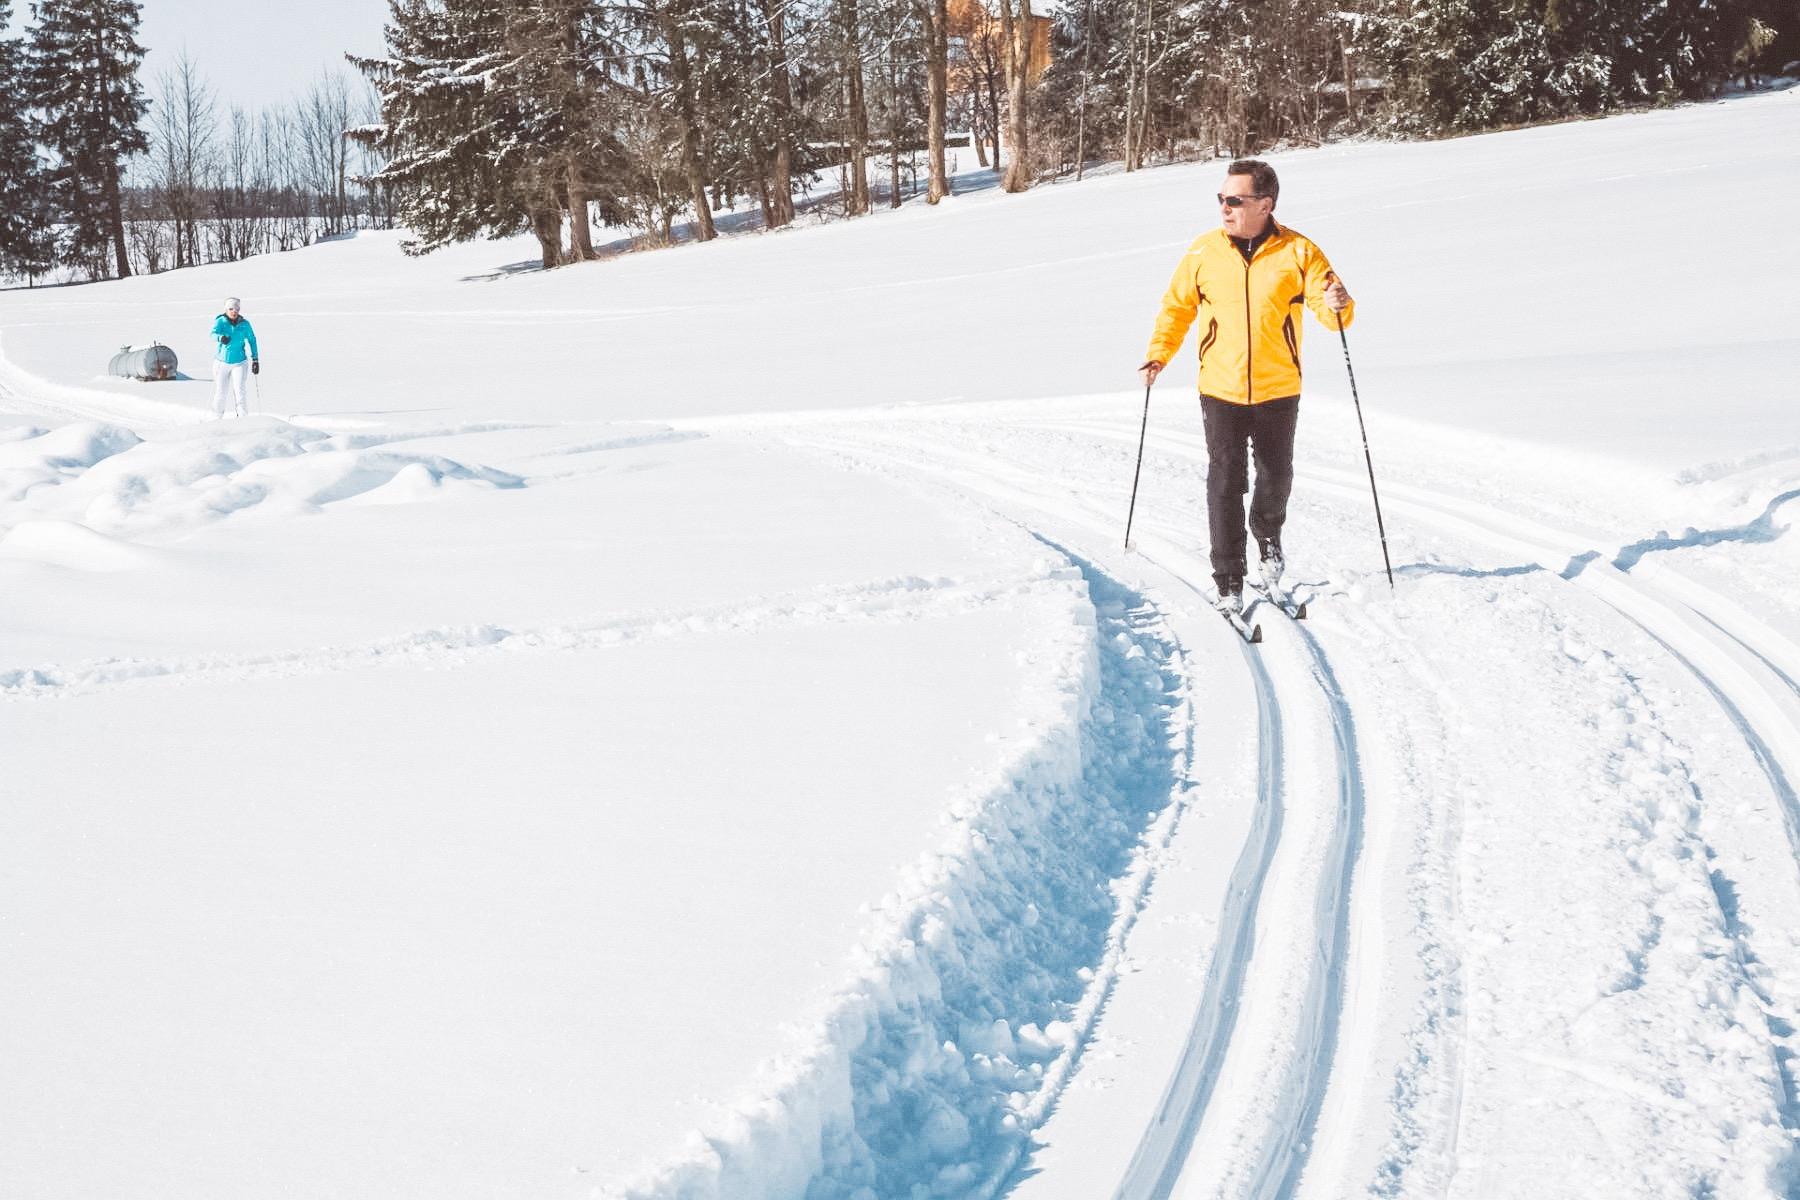 Fit trotz schnee Langlaufen im schnee